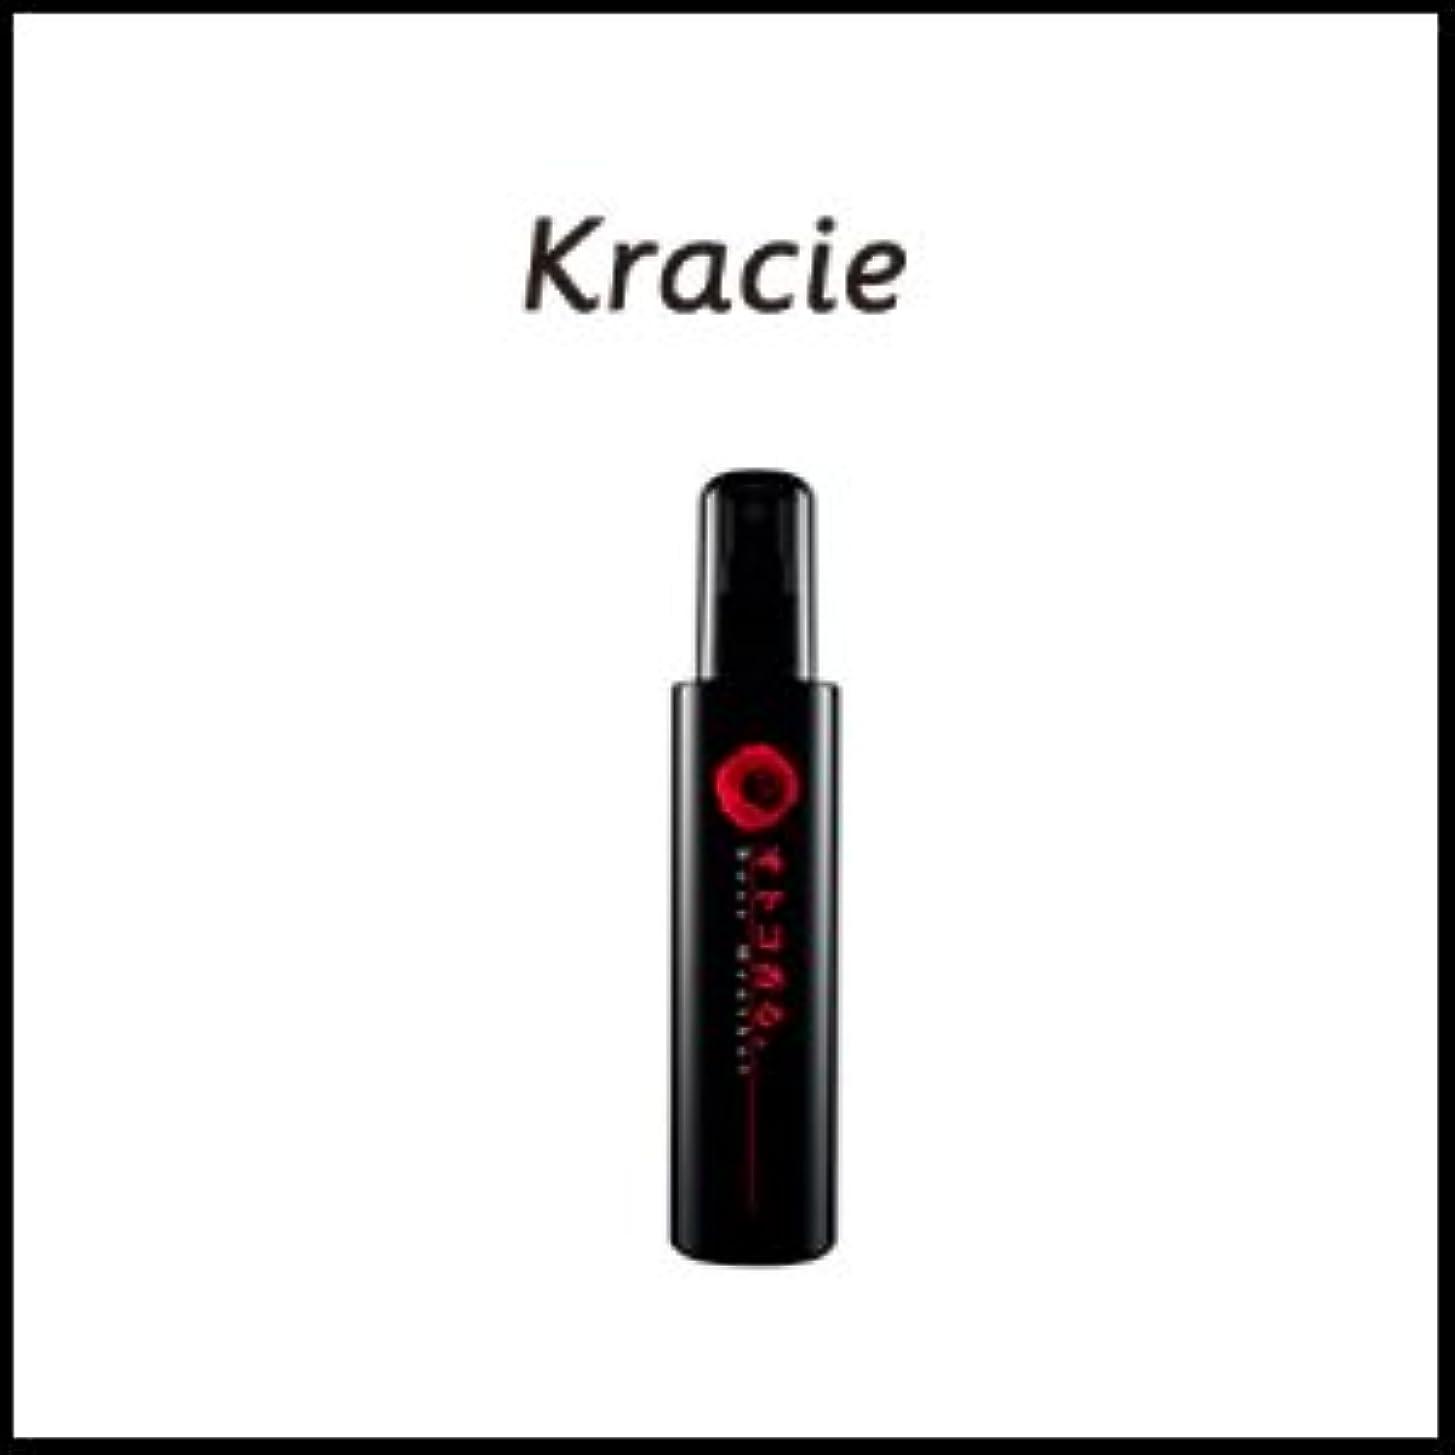 好意的る哲学者【X3個セット】 クラシエ オトコ香る トニック(レッドローズ) 150ml 容器入り